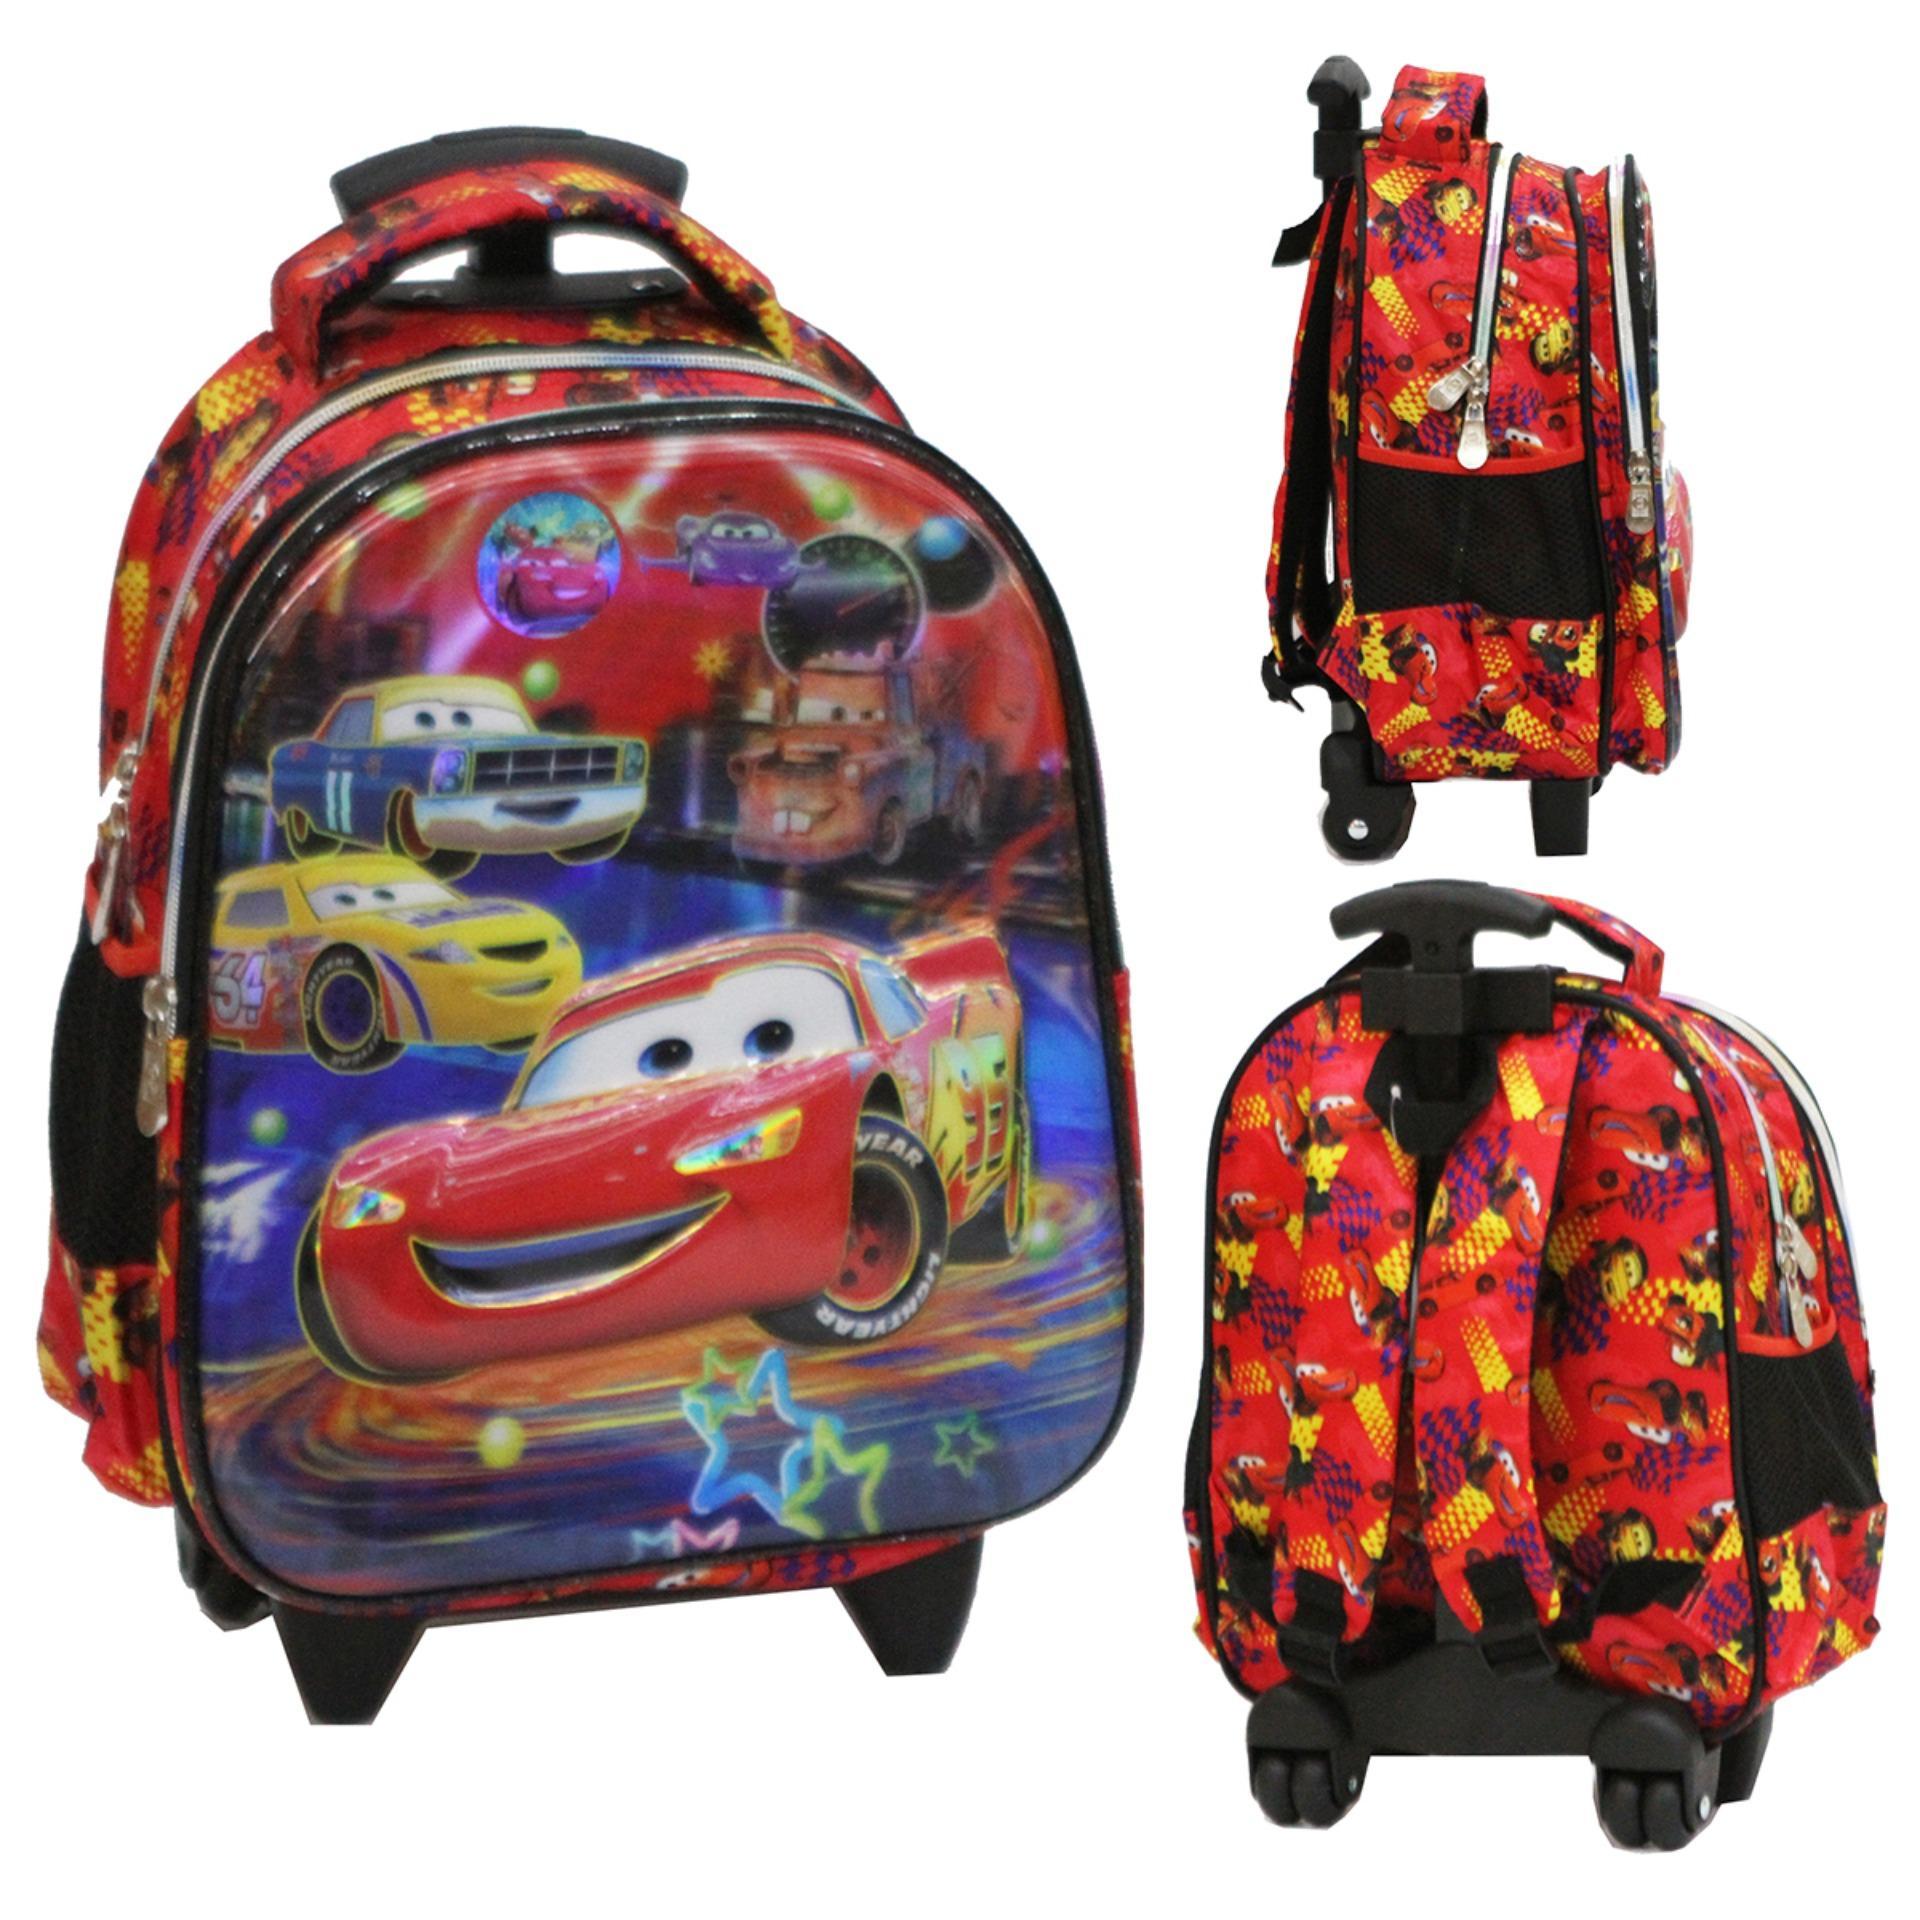 Harga Onlan Tas Trolley Anak Sekolah Tk Pg Import Karakter Anak Laki Laki Baru